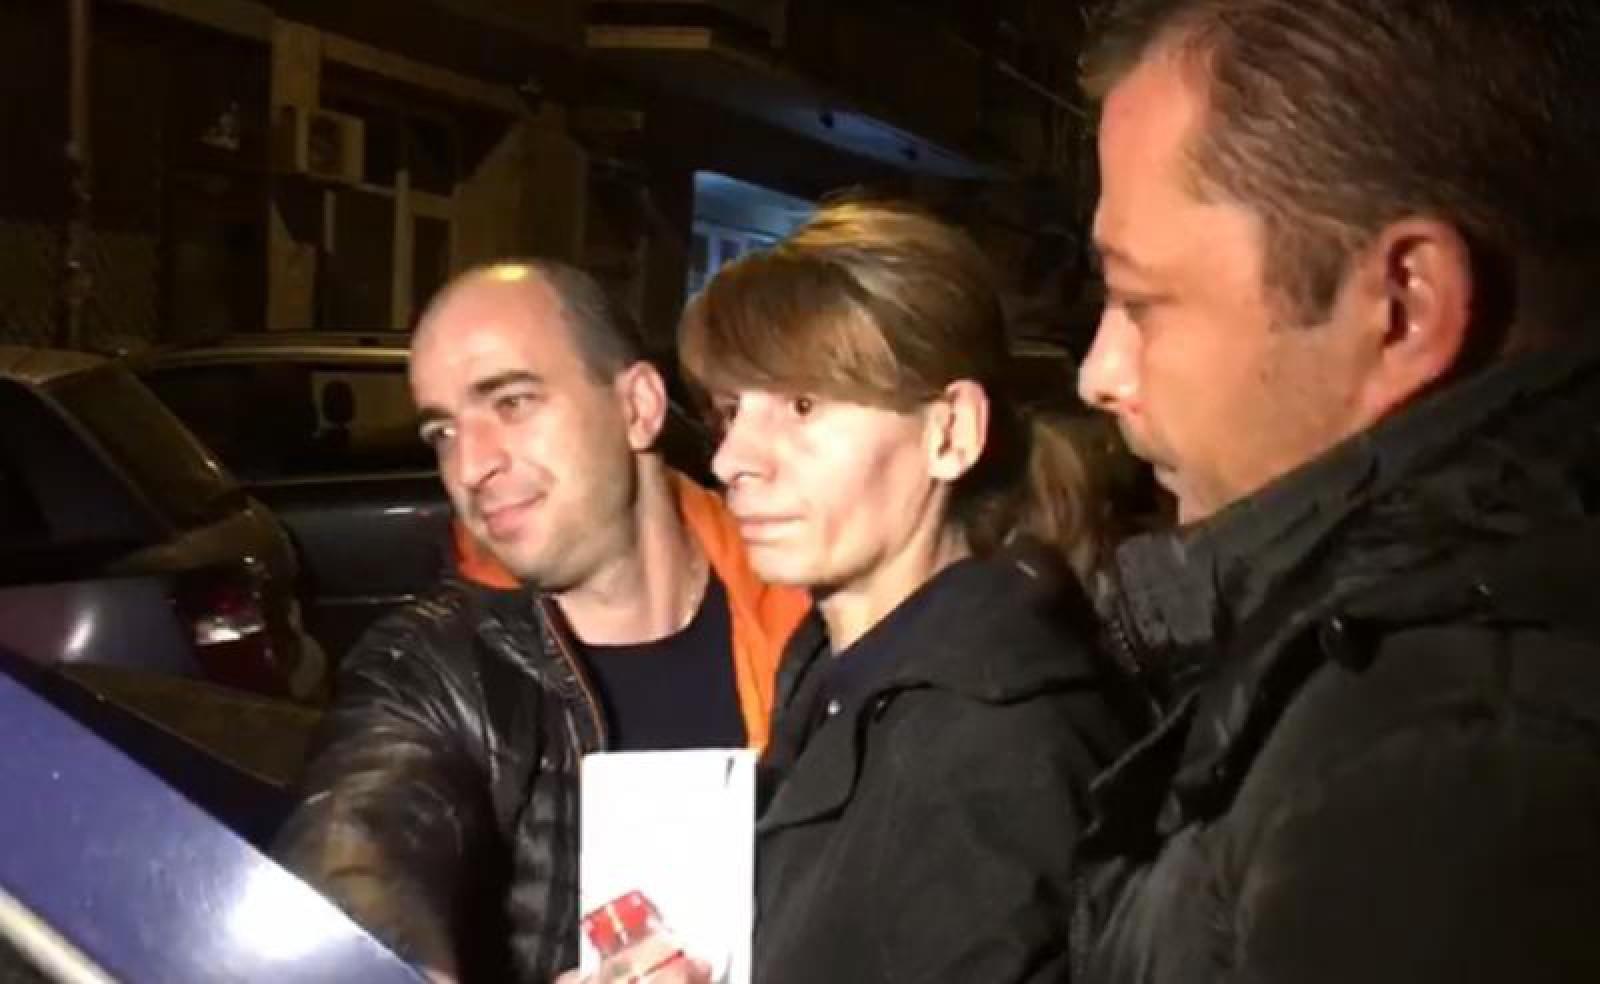 Femeia care a împins o tânără în faţa metroului la Bucureşti, trimisă în judecată